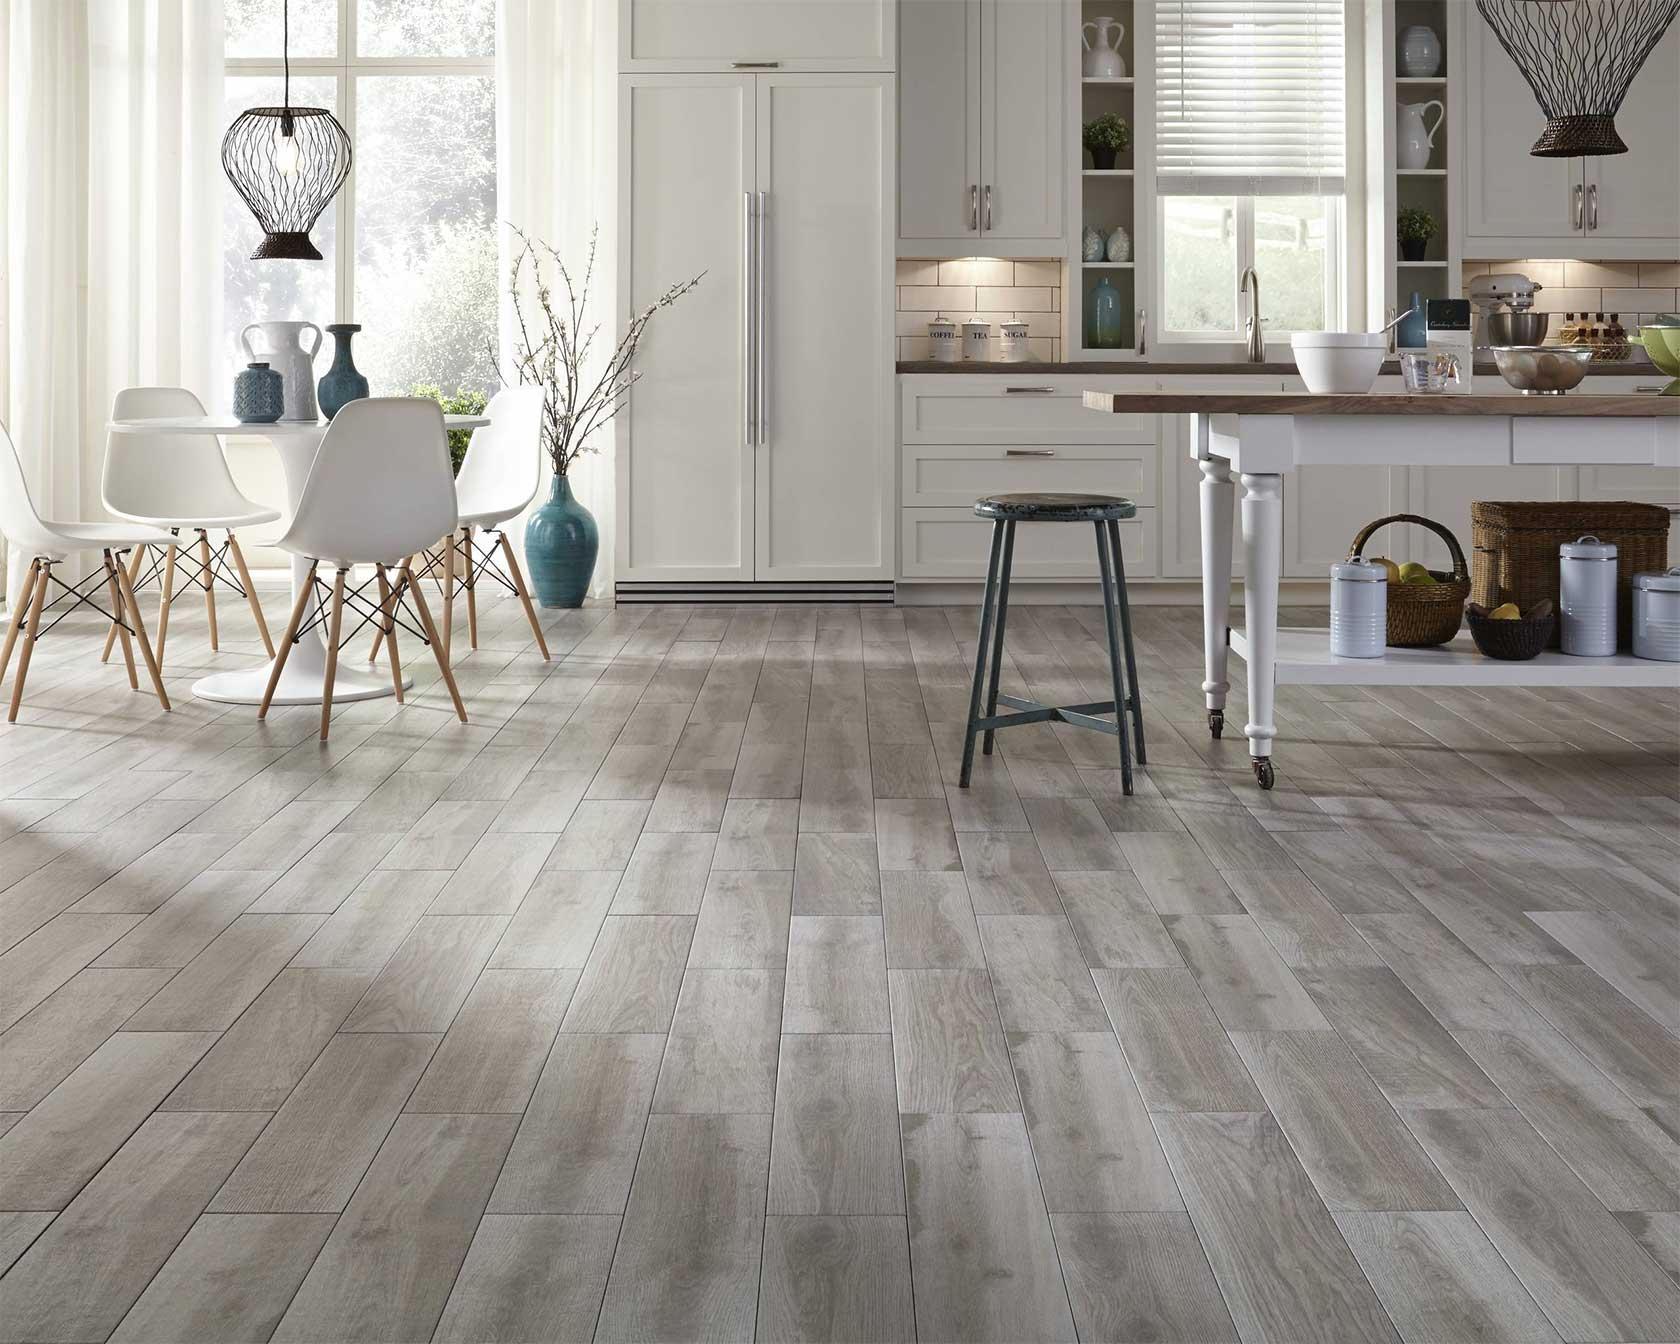 Light Wooden Floor